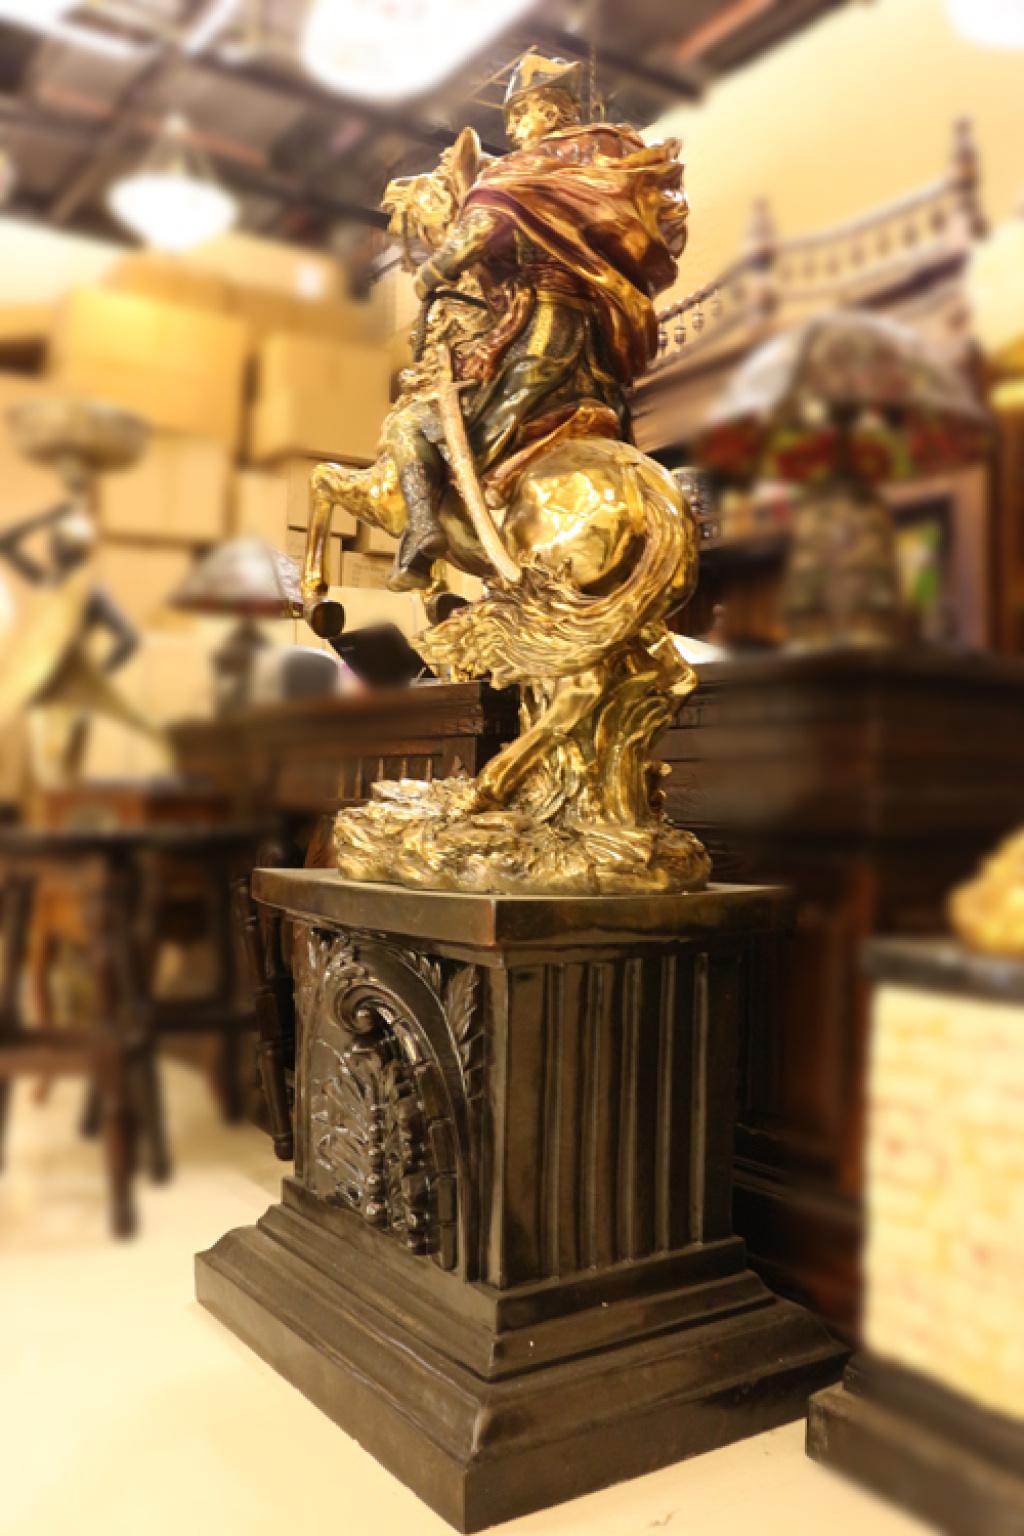 拿破仑凯旋大型欧式雕塑摆件摆设工艺品别墅庭院酒店图片